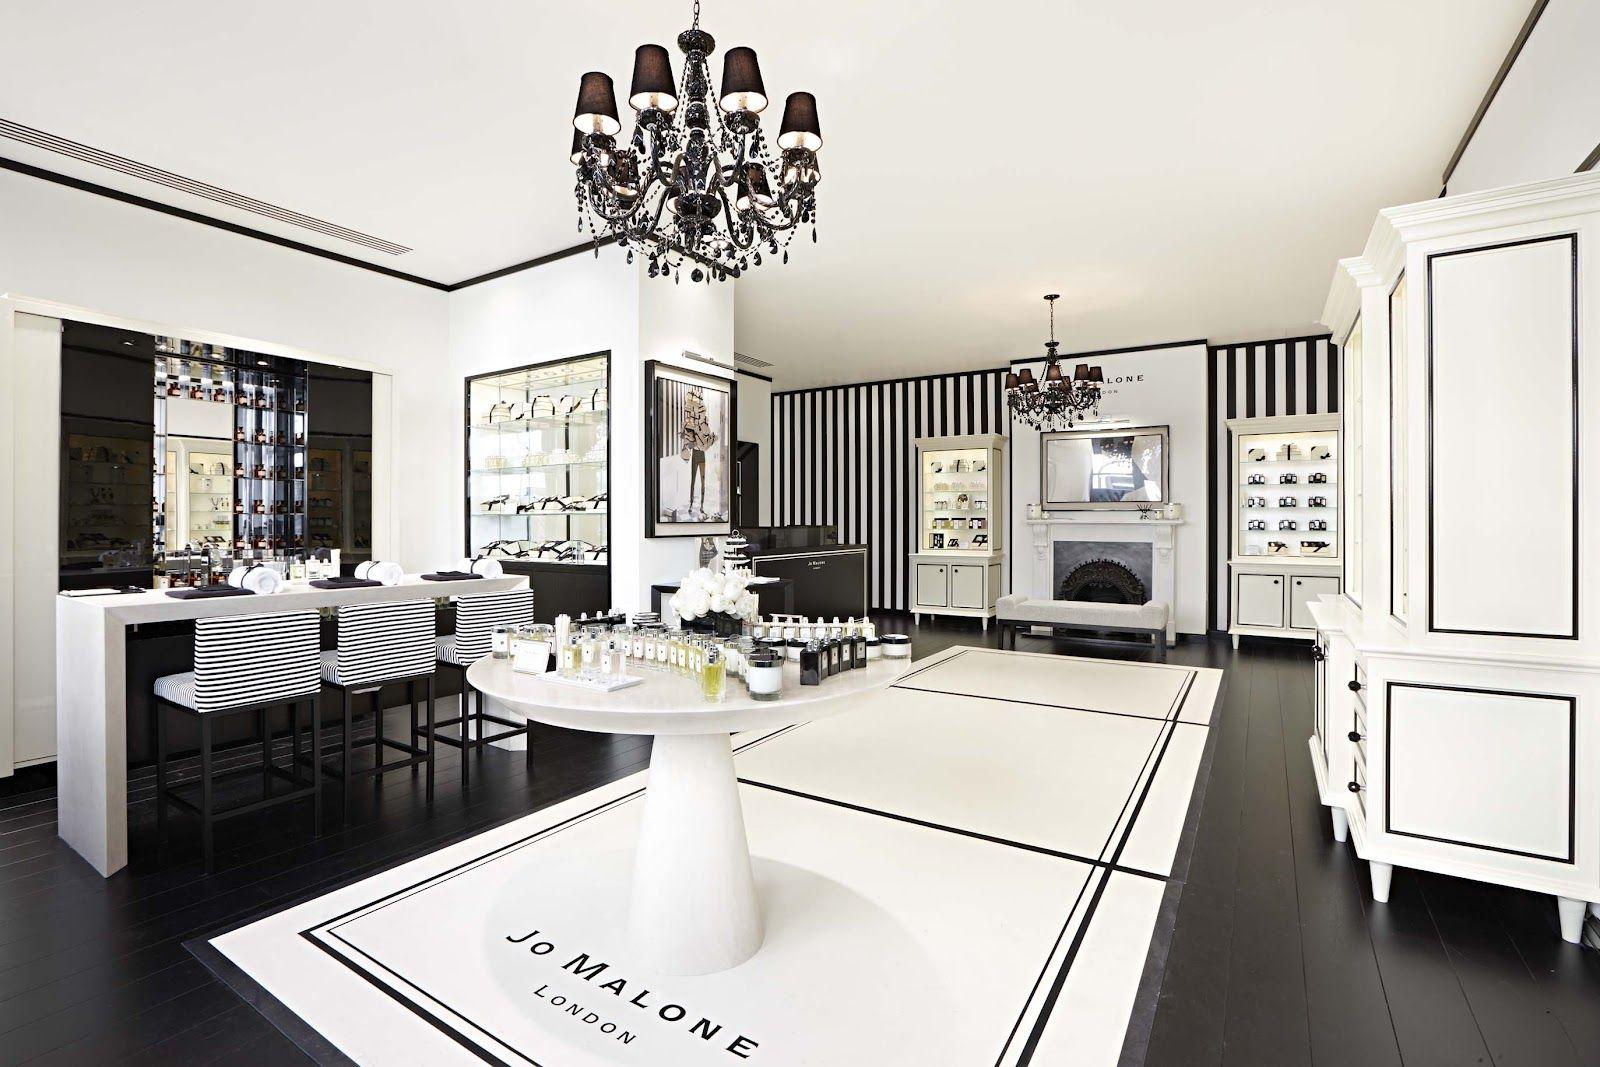 Jo Malone interior // unreal! | Home | Pinterest | Jo malone, London ...